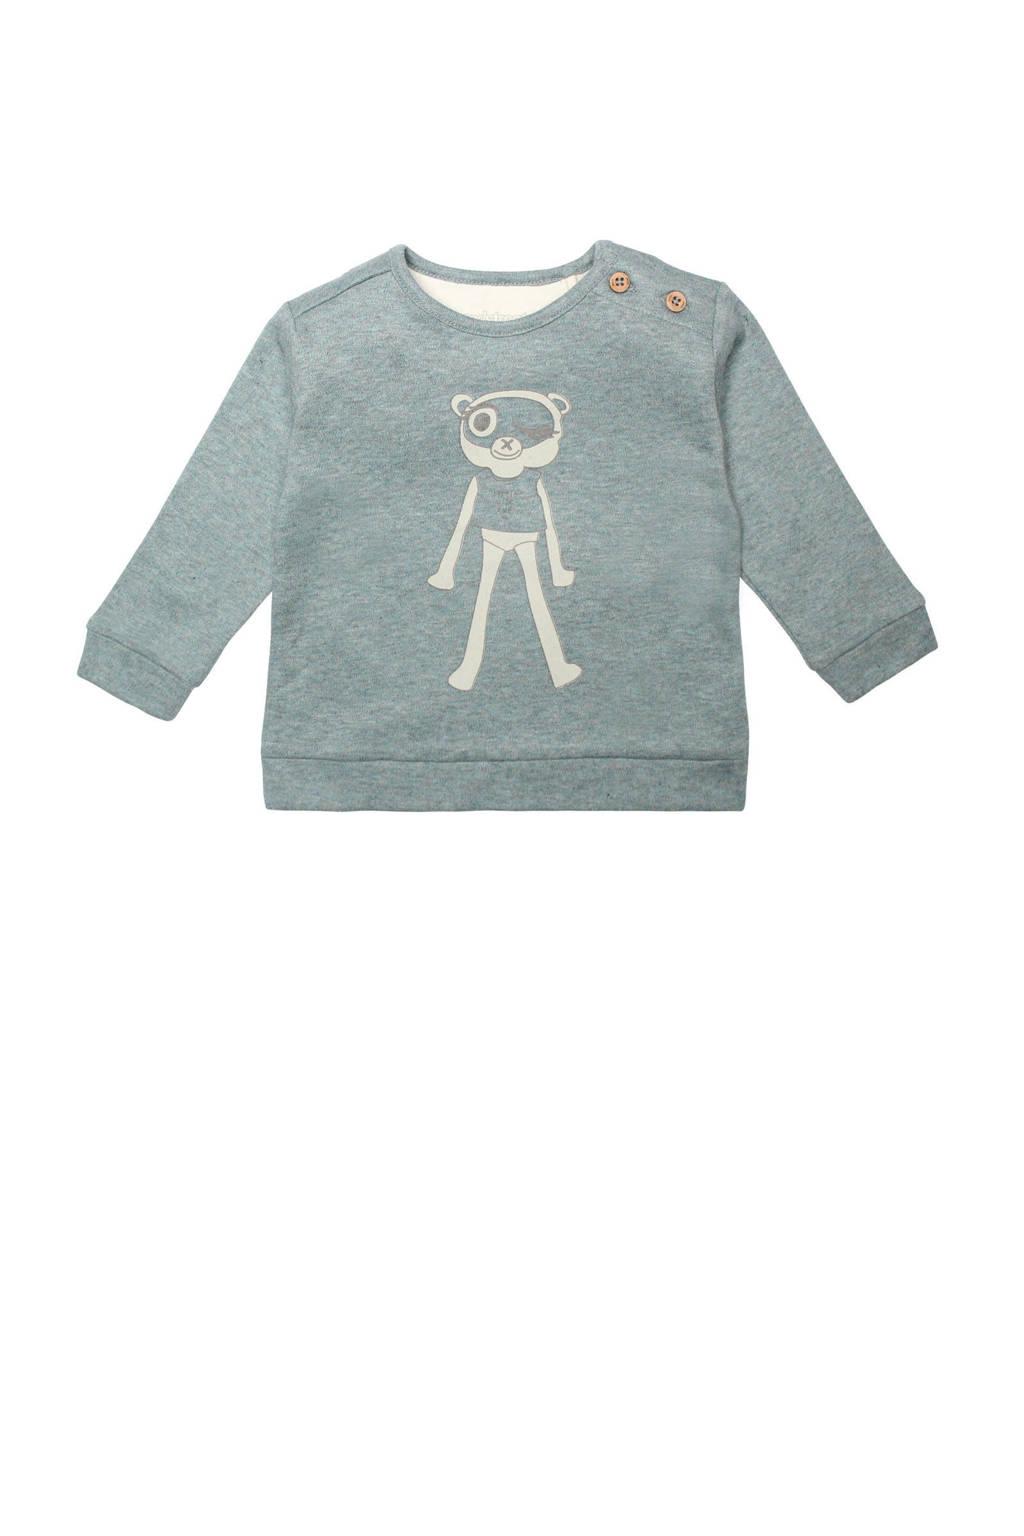 Moodstreet Petit baby gemêleerde sweater Maddy van biologisch katoen groen/wit, Groen/wit